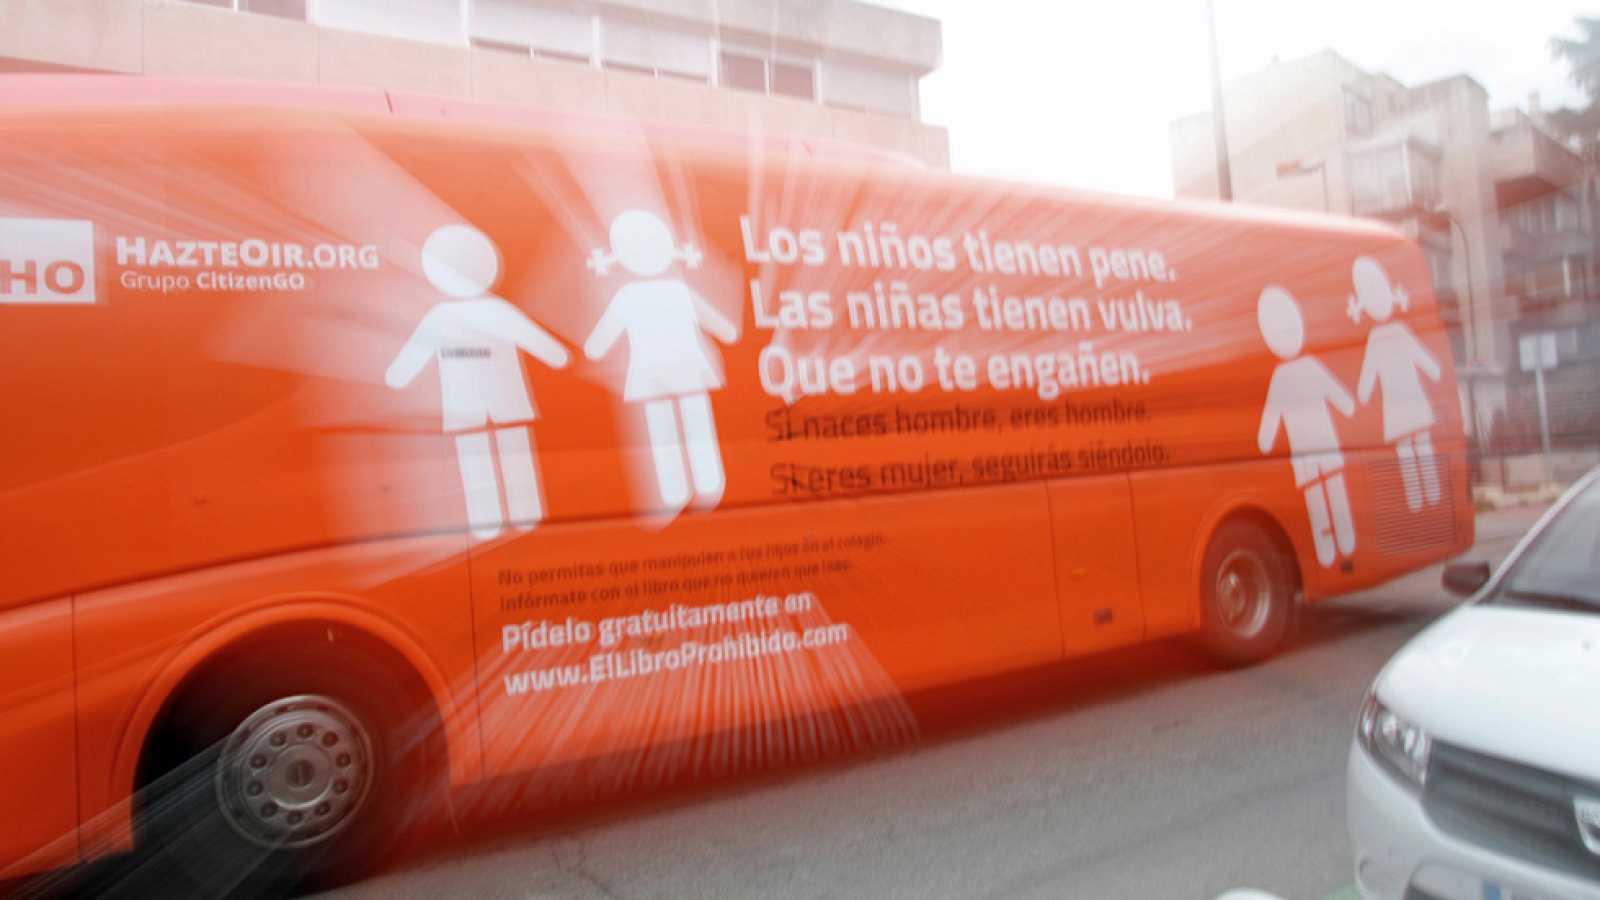 La Policía Municipal de Madrid inmoviliza el autobús de HazteOír contra la transexualidad